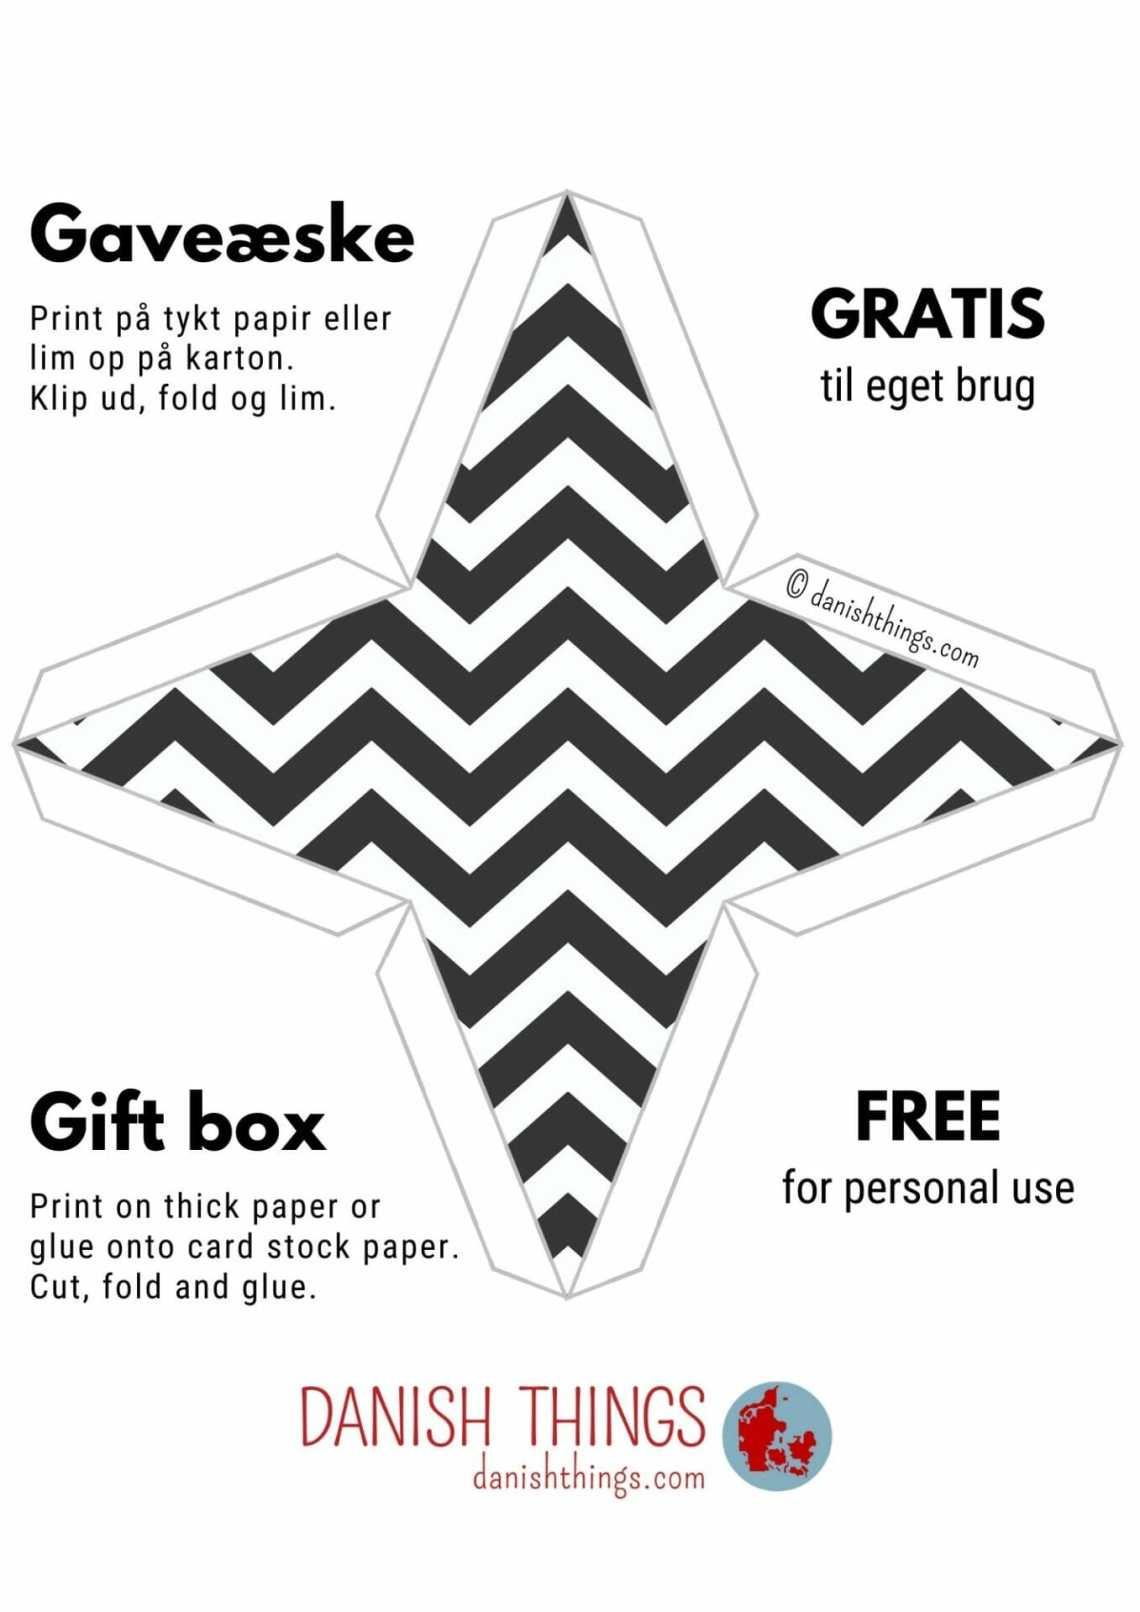 Lav dine egne gaveæsker - sort-hvide pyramideæsker 2 størrelser – find gratis æsker i flere farver og størrelser, kort, plakater, opskrifter og inspiration til årets gang på danishthings.com #DanishThings #gaveæske #pyramideæske #gave #gratis